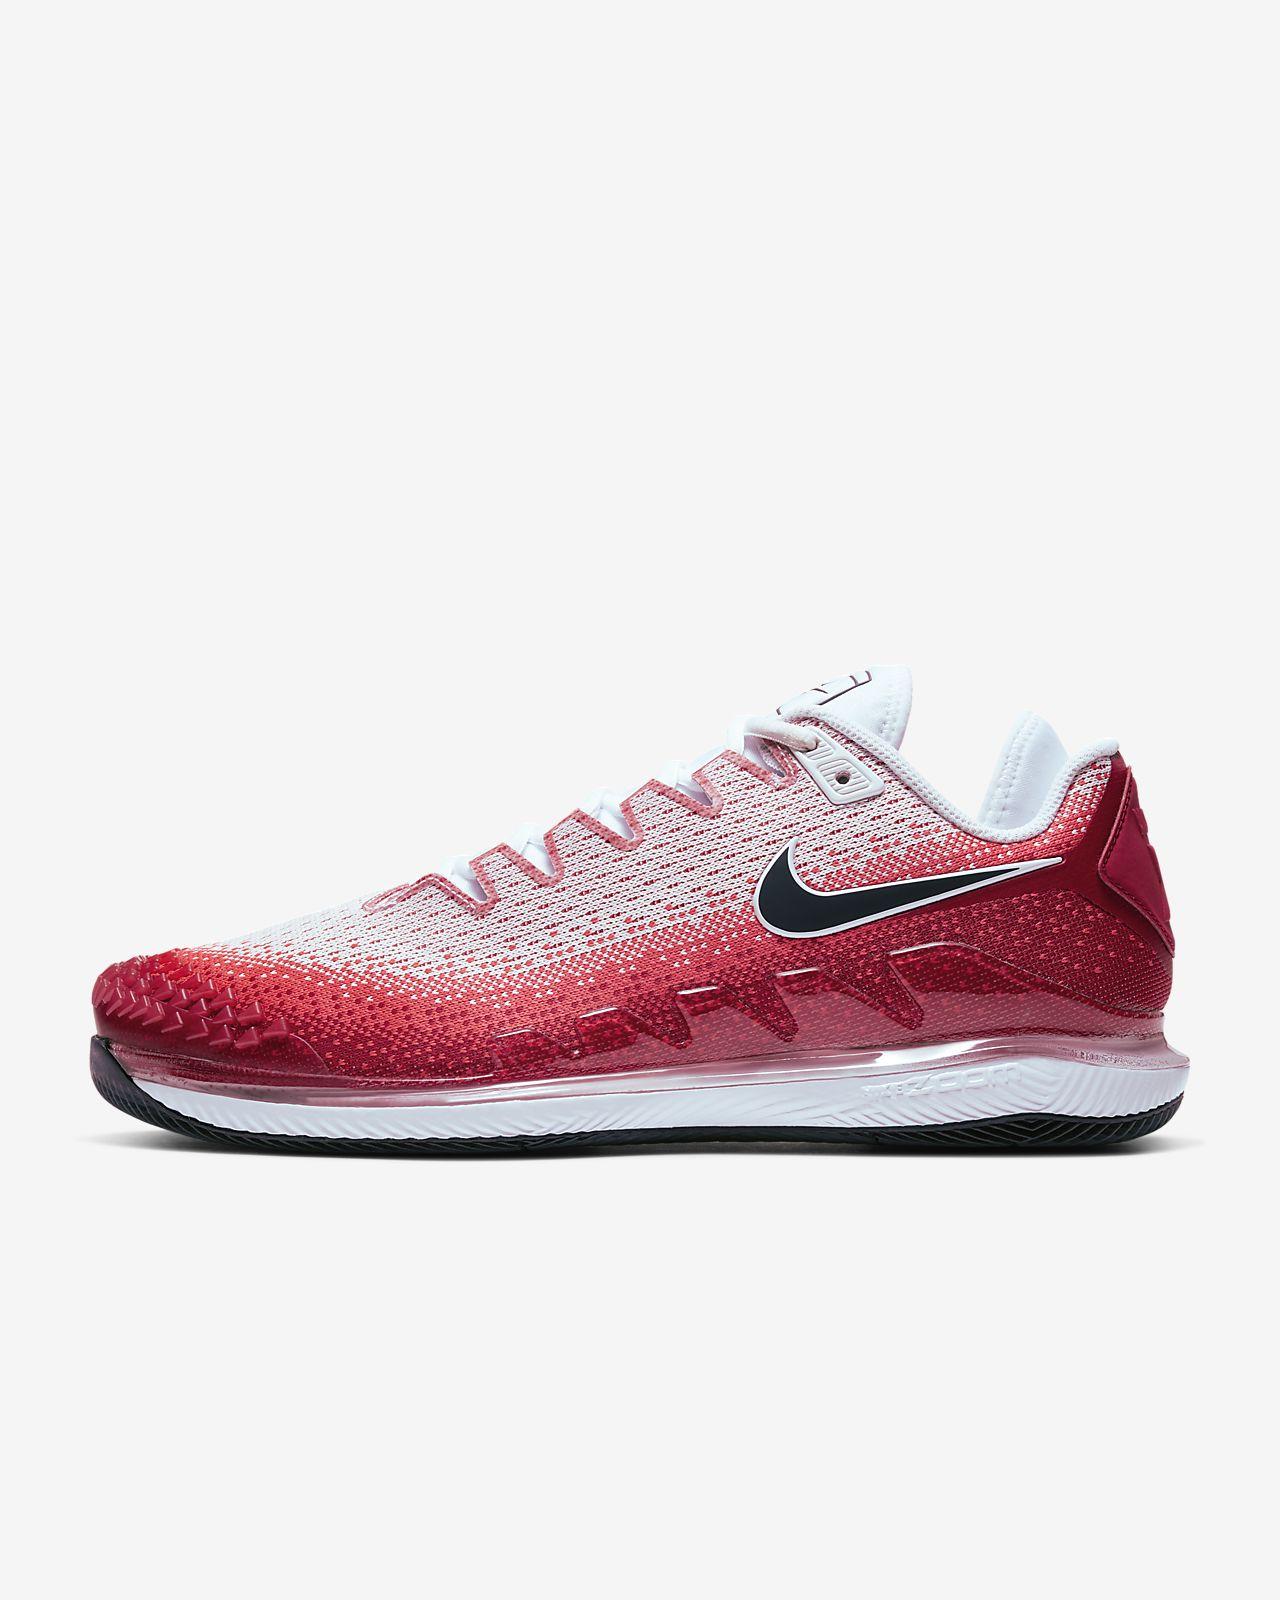 NikeCourt Air Zoom Vapor X Knit Sert Kort Erkek Tenis Ayakkabısı